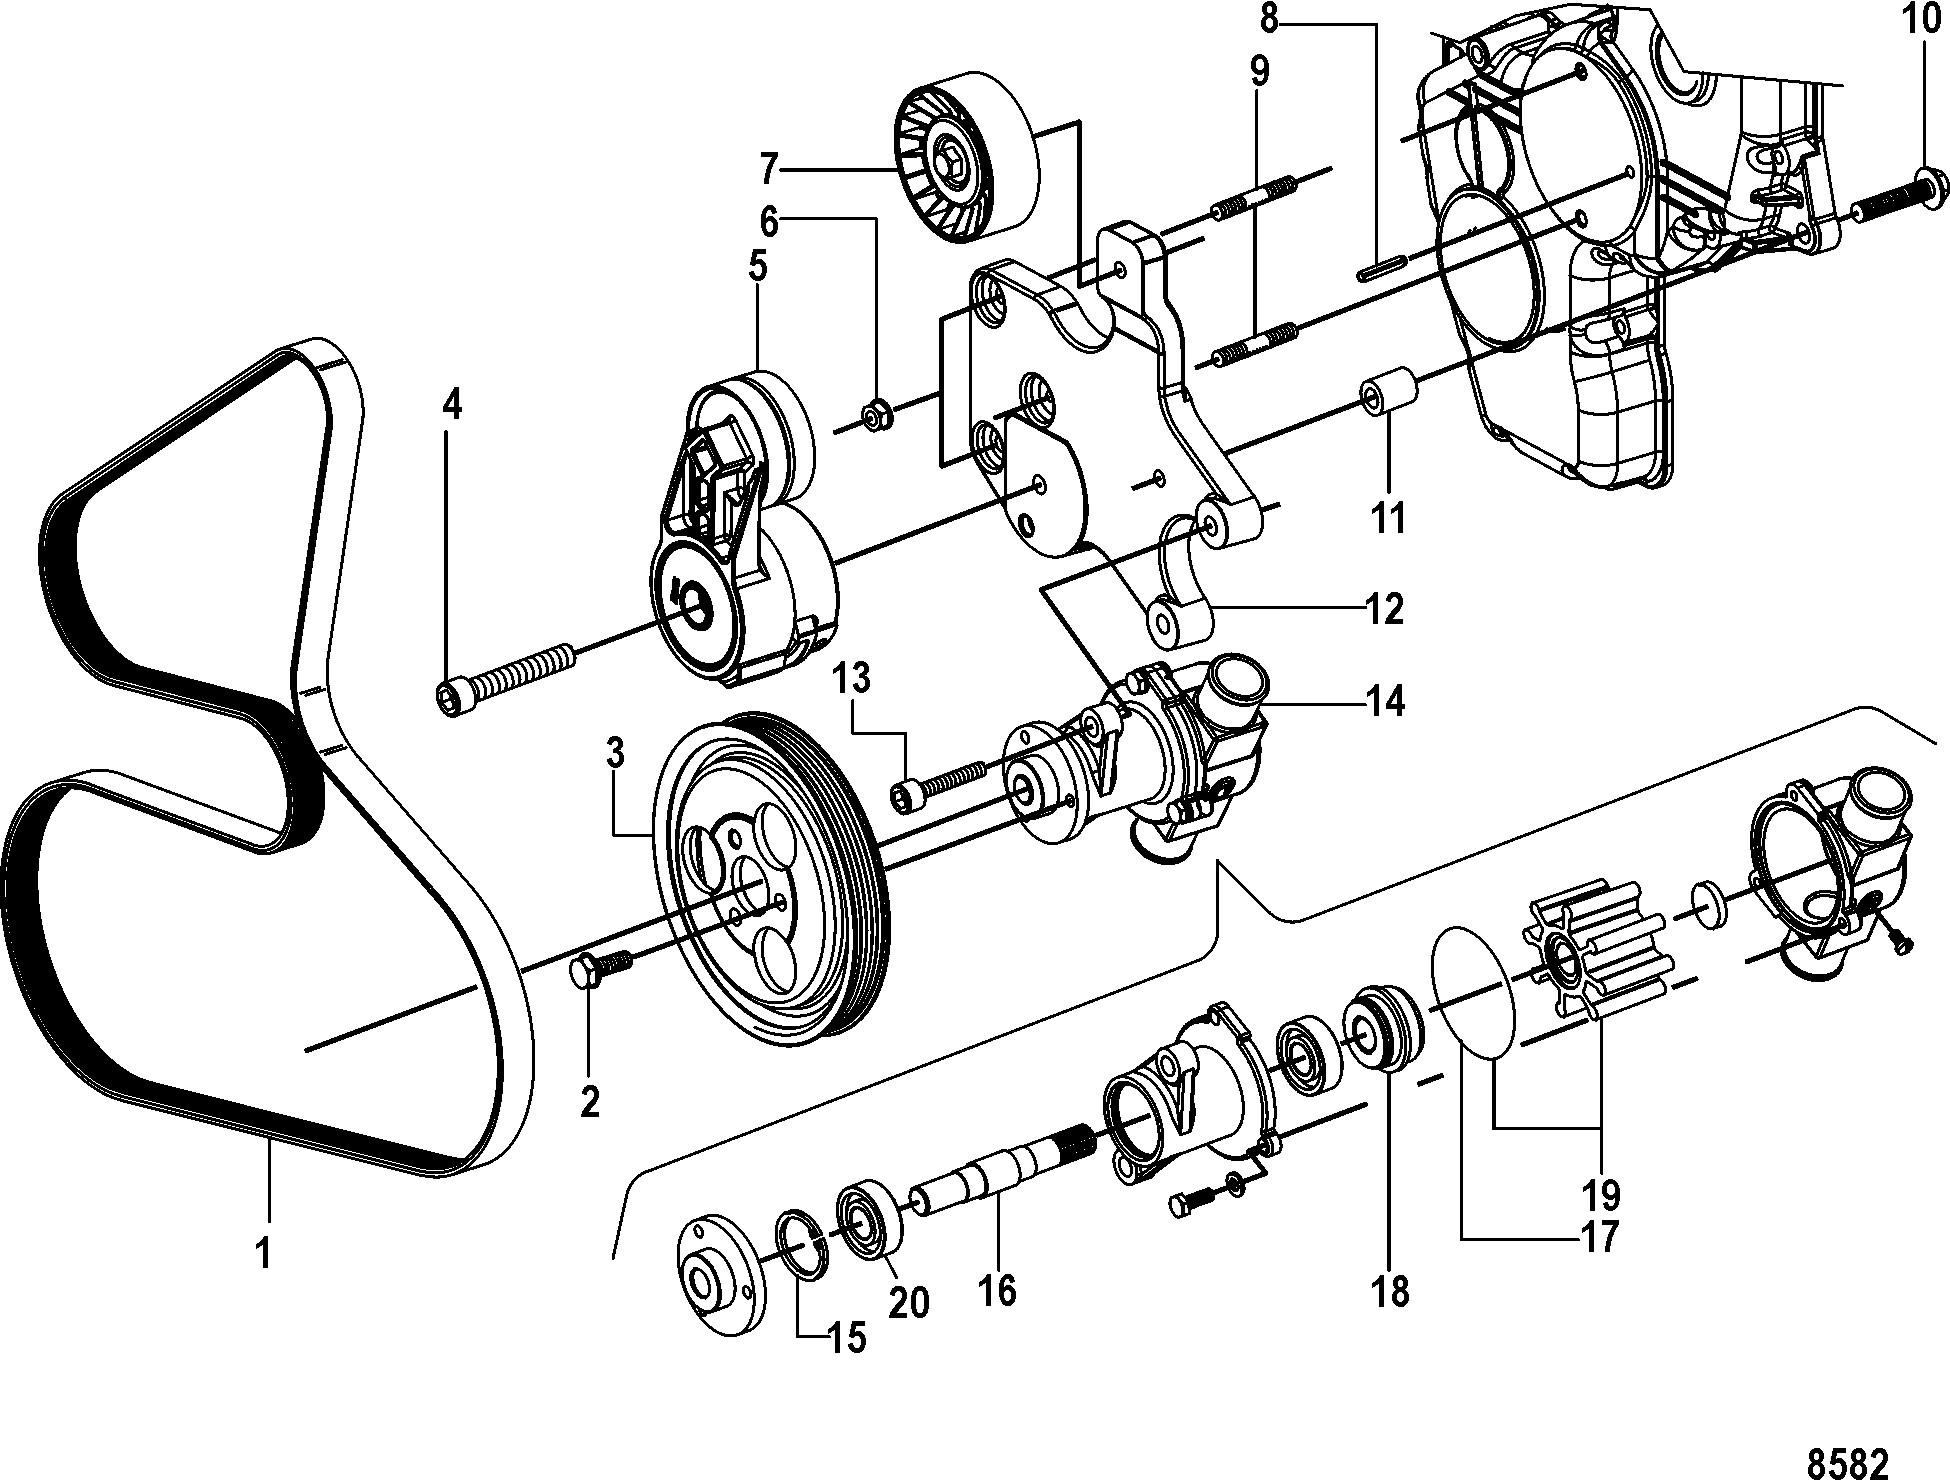 Mercruiser 170 Engine Diagram N N N N Mercruiser N N N N